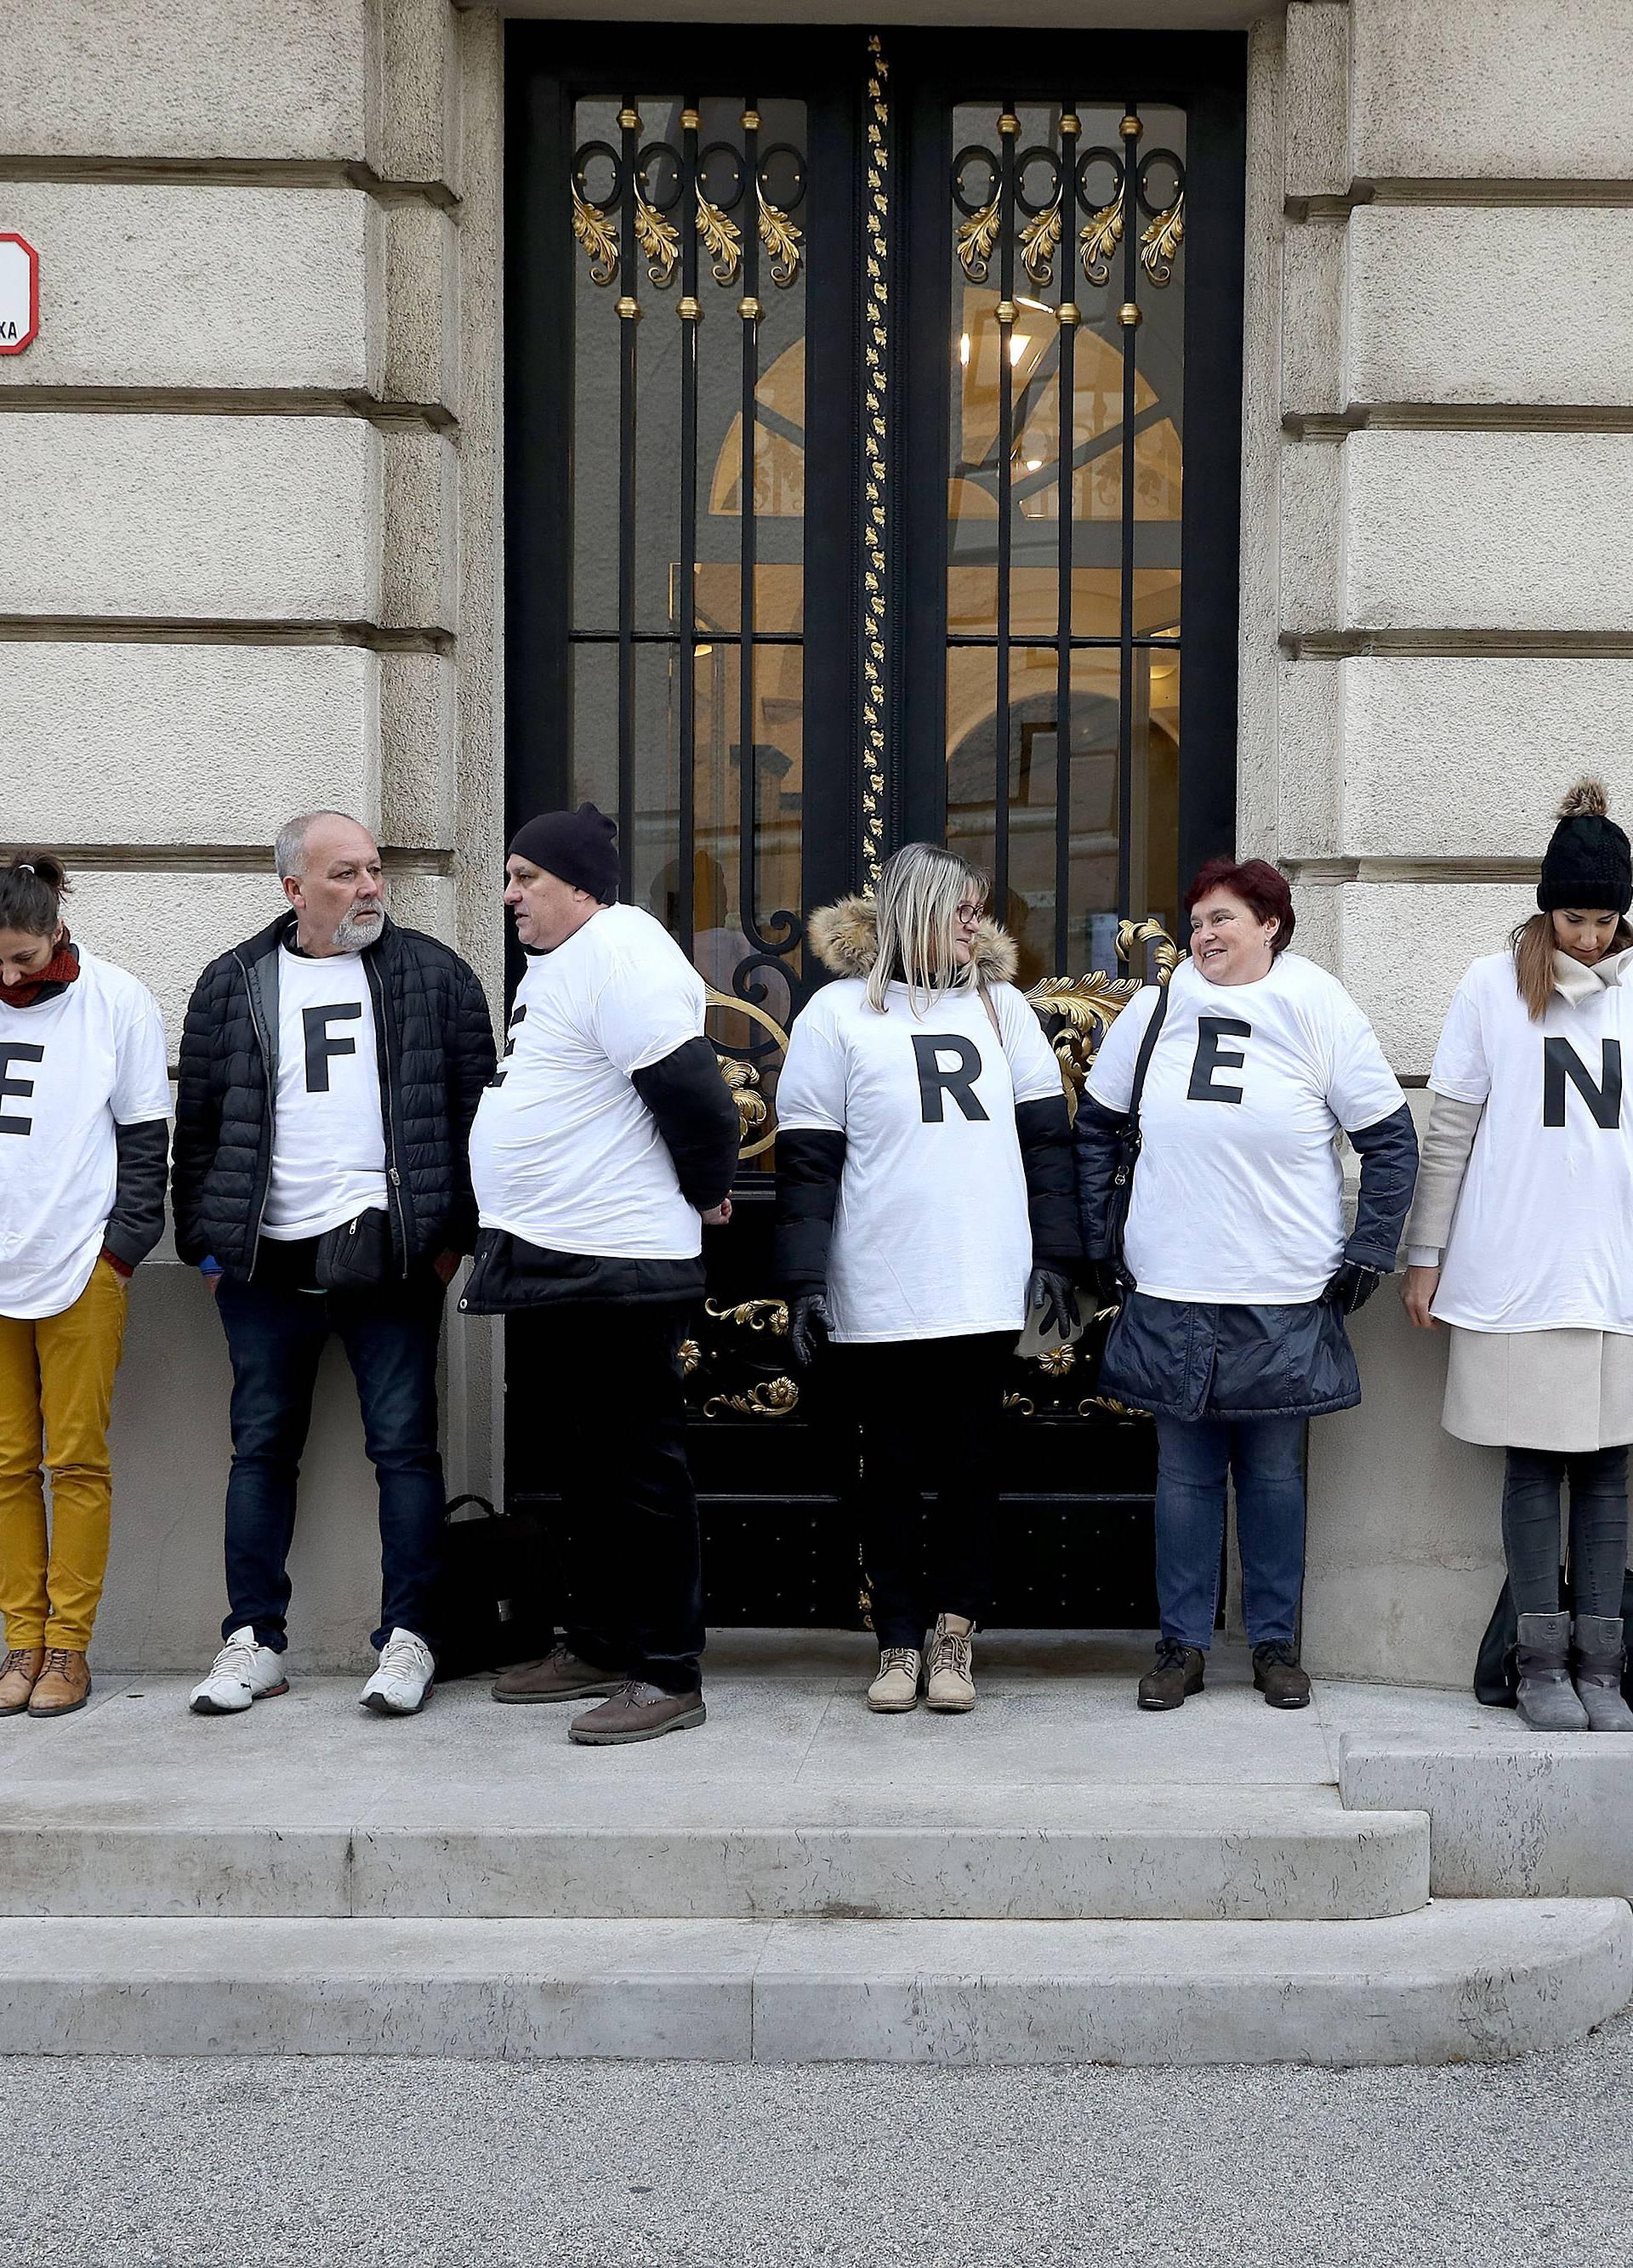 Zagreb: Sindikati i danas posvjeduju protiv mirovinske reforme